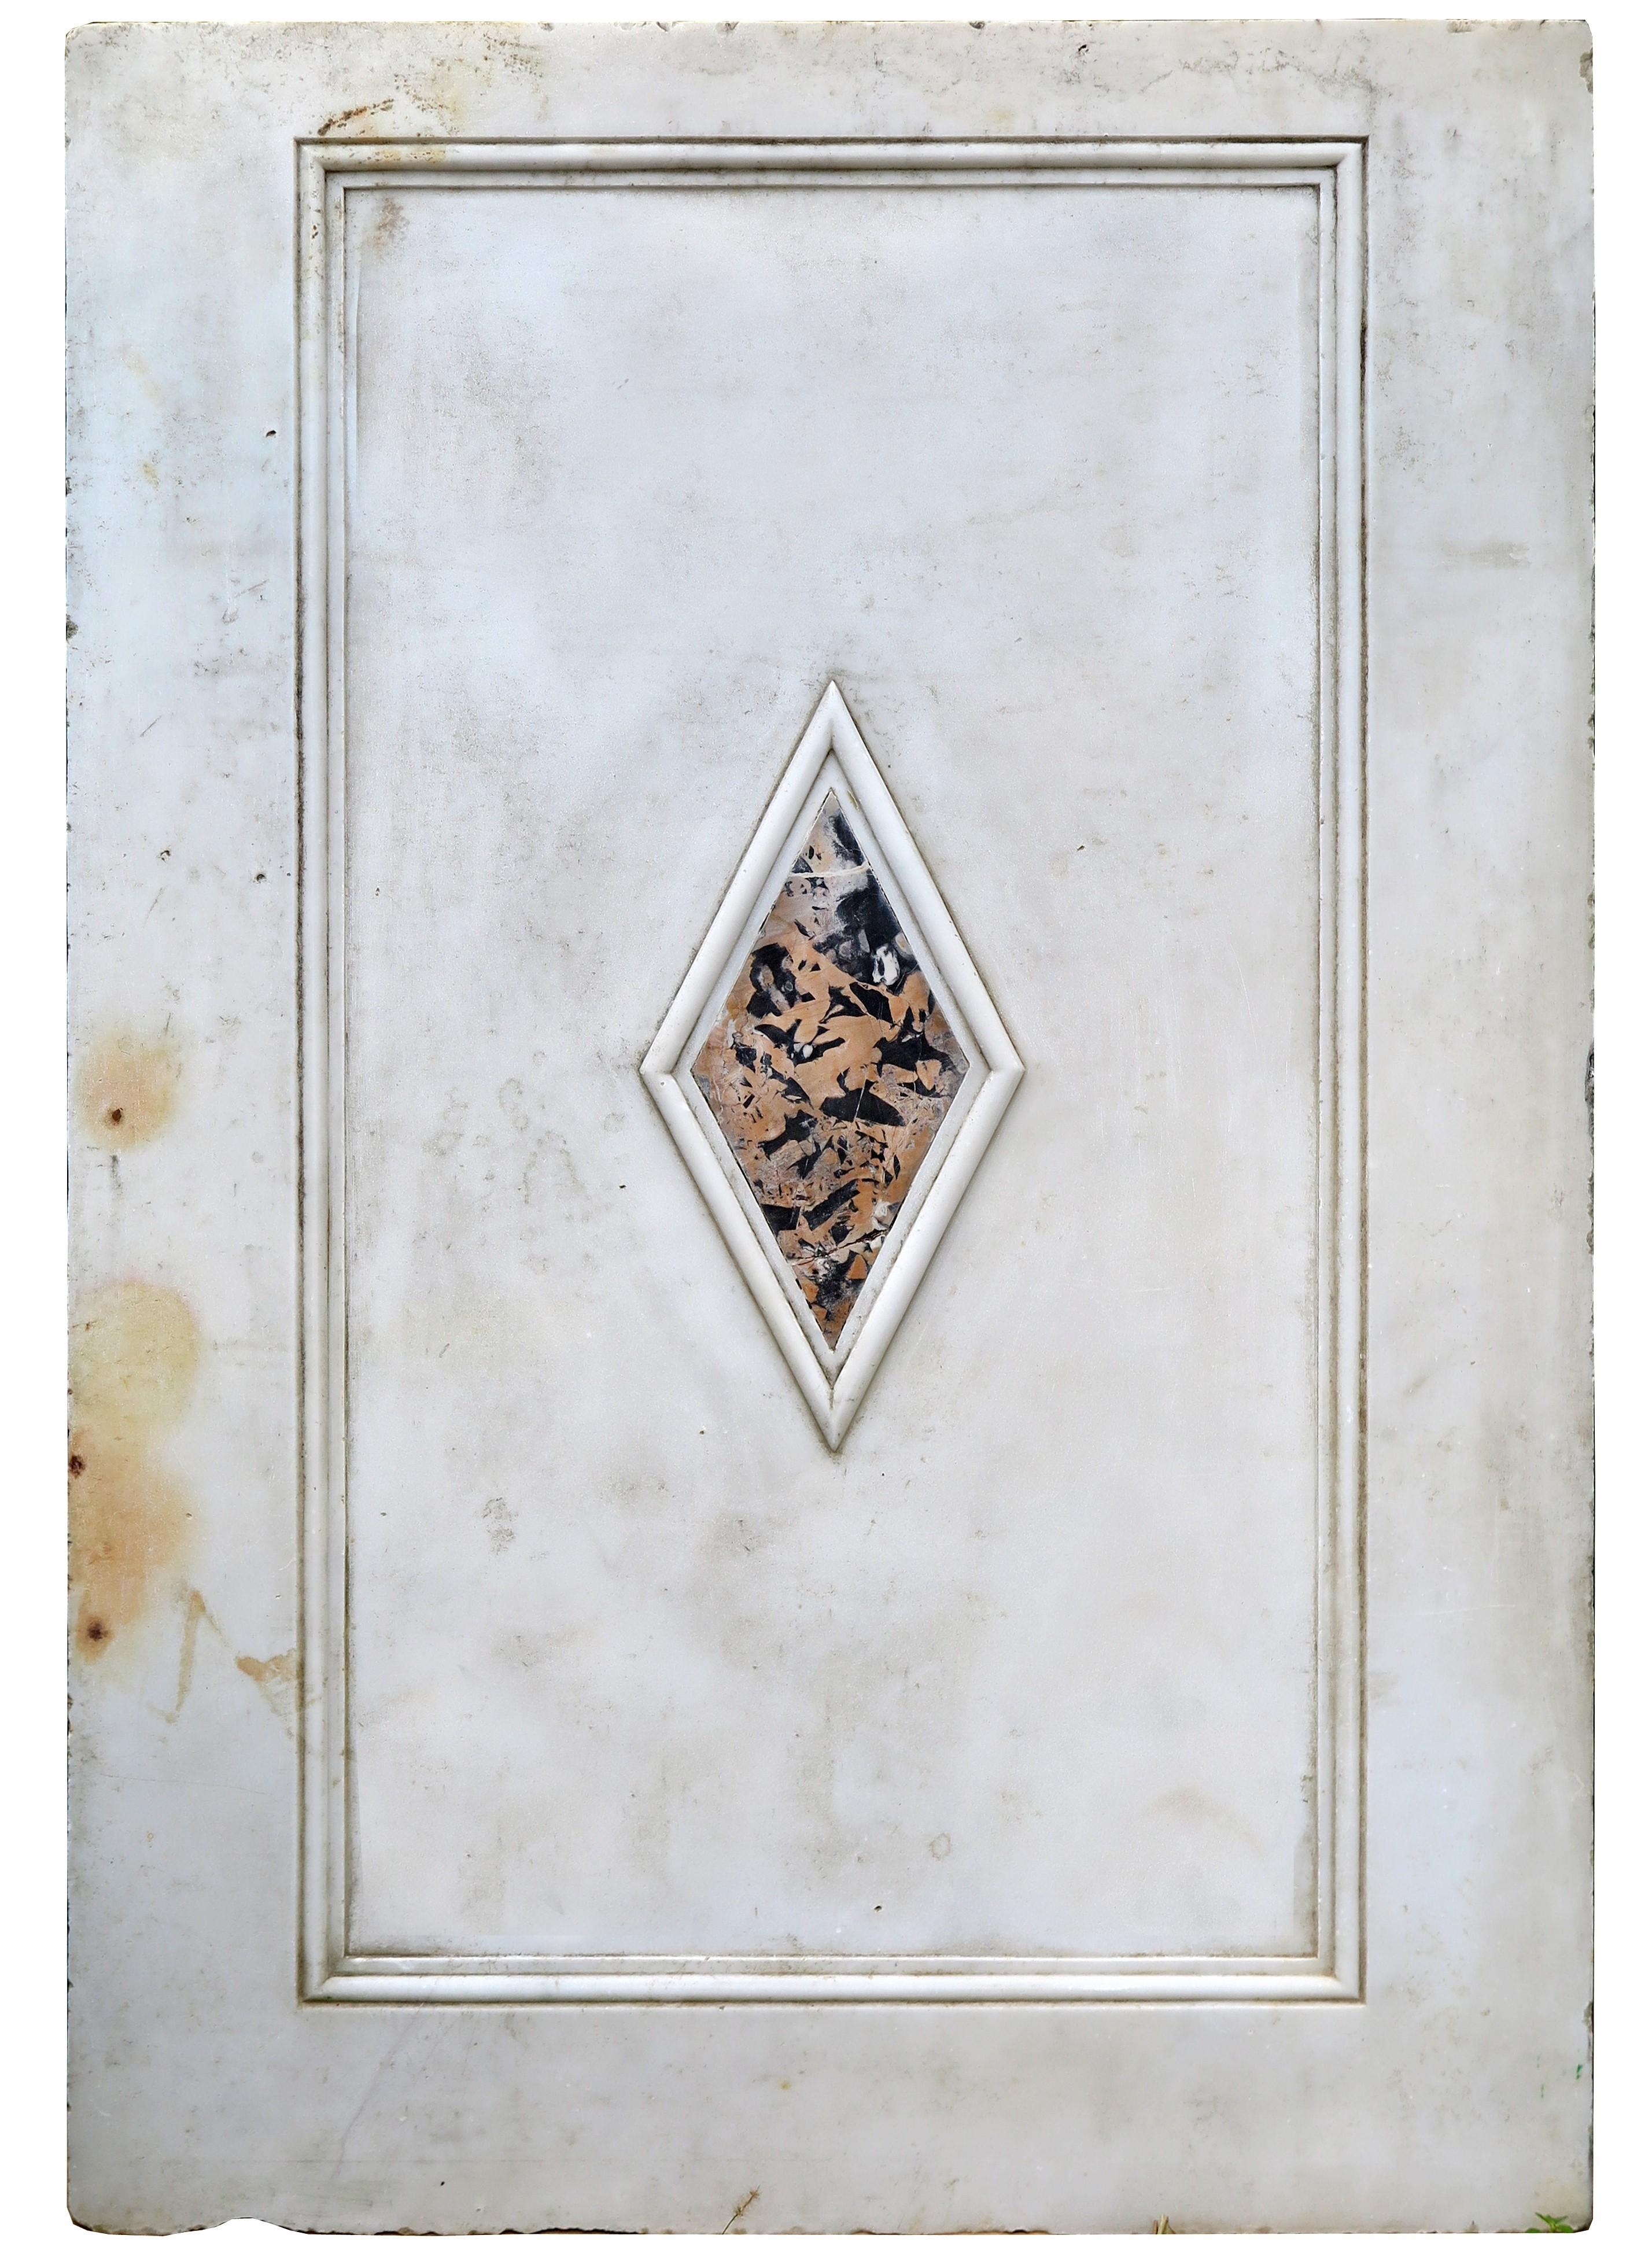 Mensole In Marmo Per Termosifoni pannello di marmo bianco intarsiato con marmo portoro - recuperando